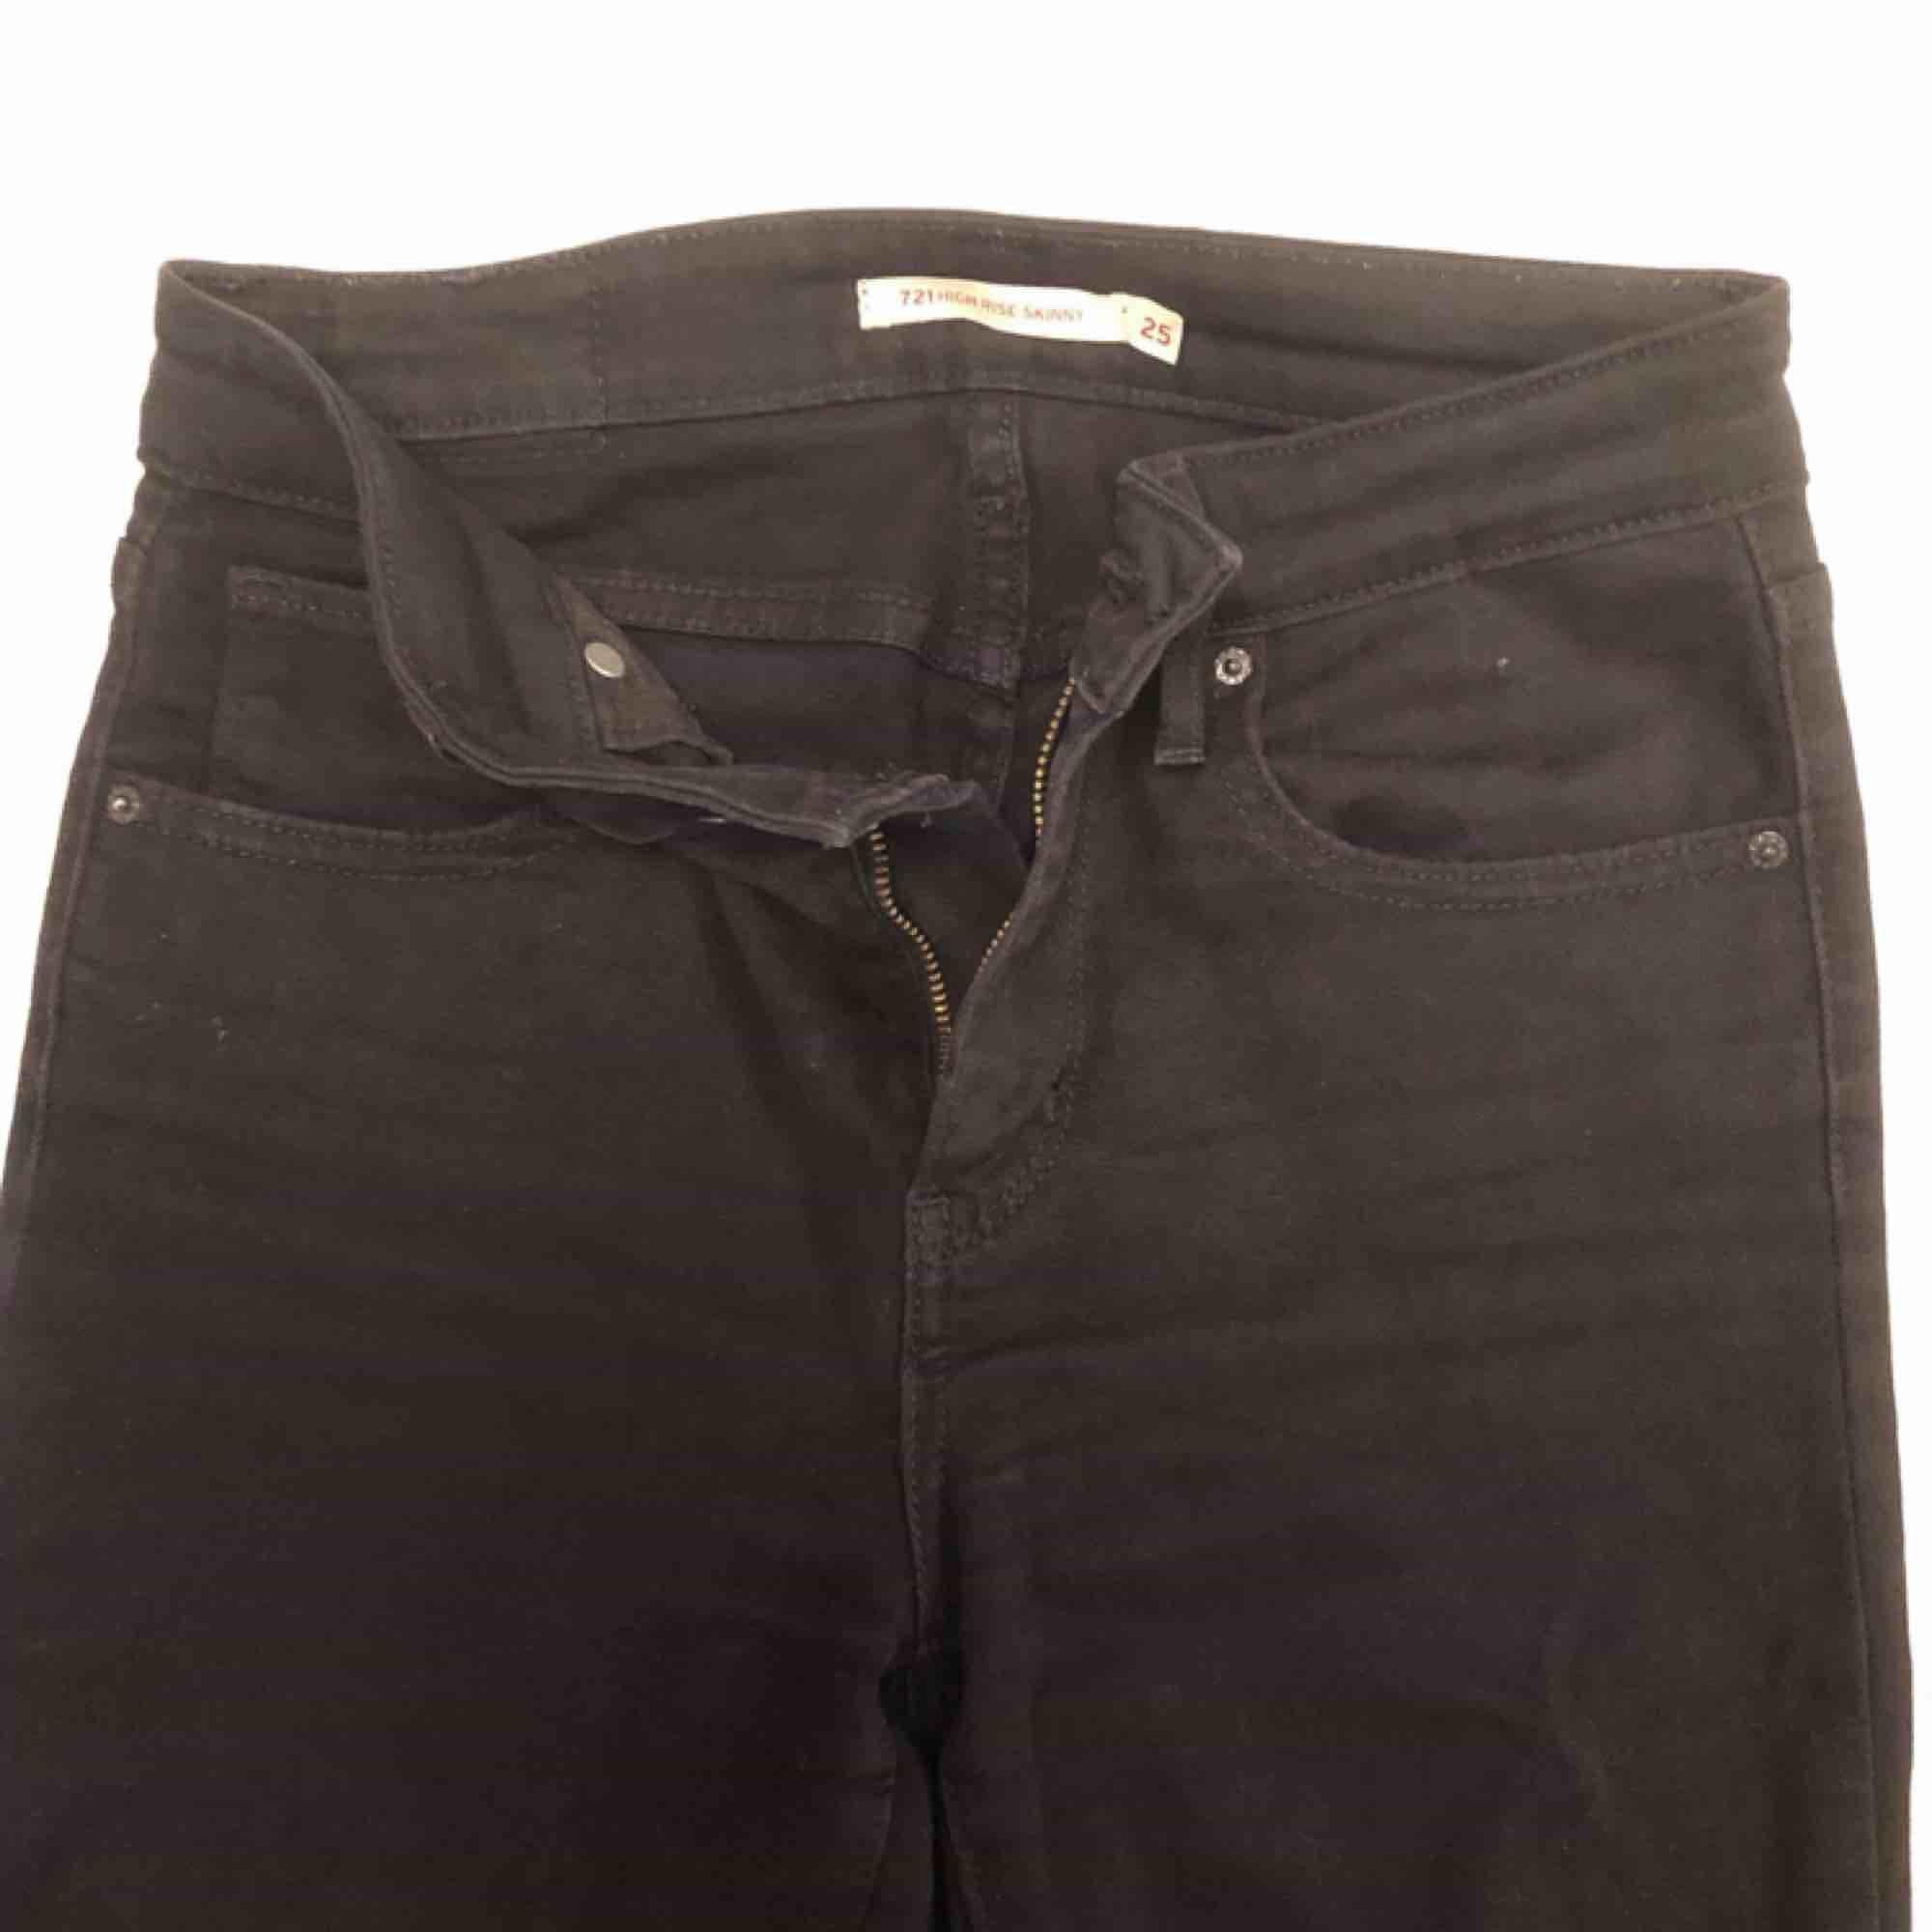 Helt vanliga svarta tajta jeans från Levi's. Har tyvärr ingen bild med dem på då de blivit för små. 150kr inkl. Frakt. Jeans & Byxor.